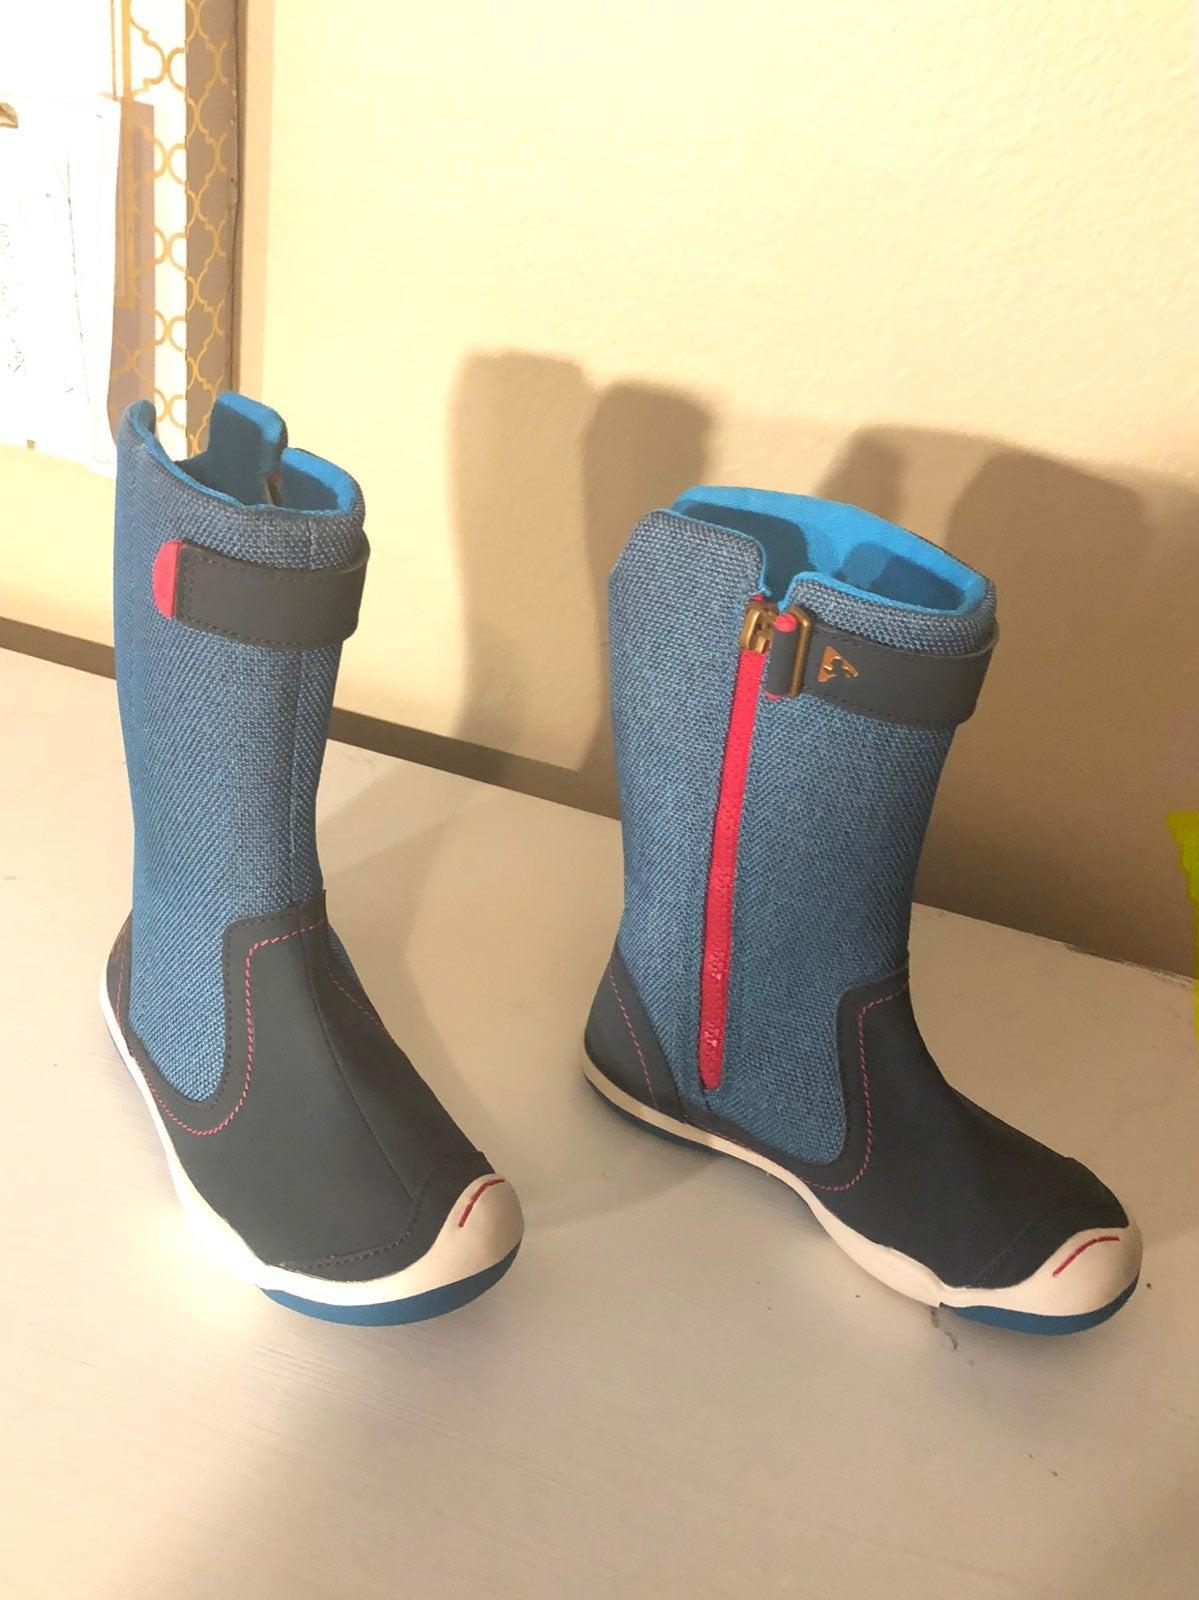 PLAE Waterproof Rain Winter Boots